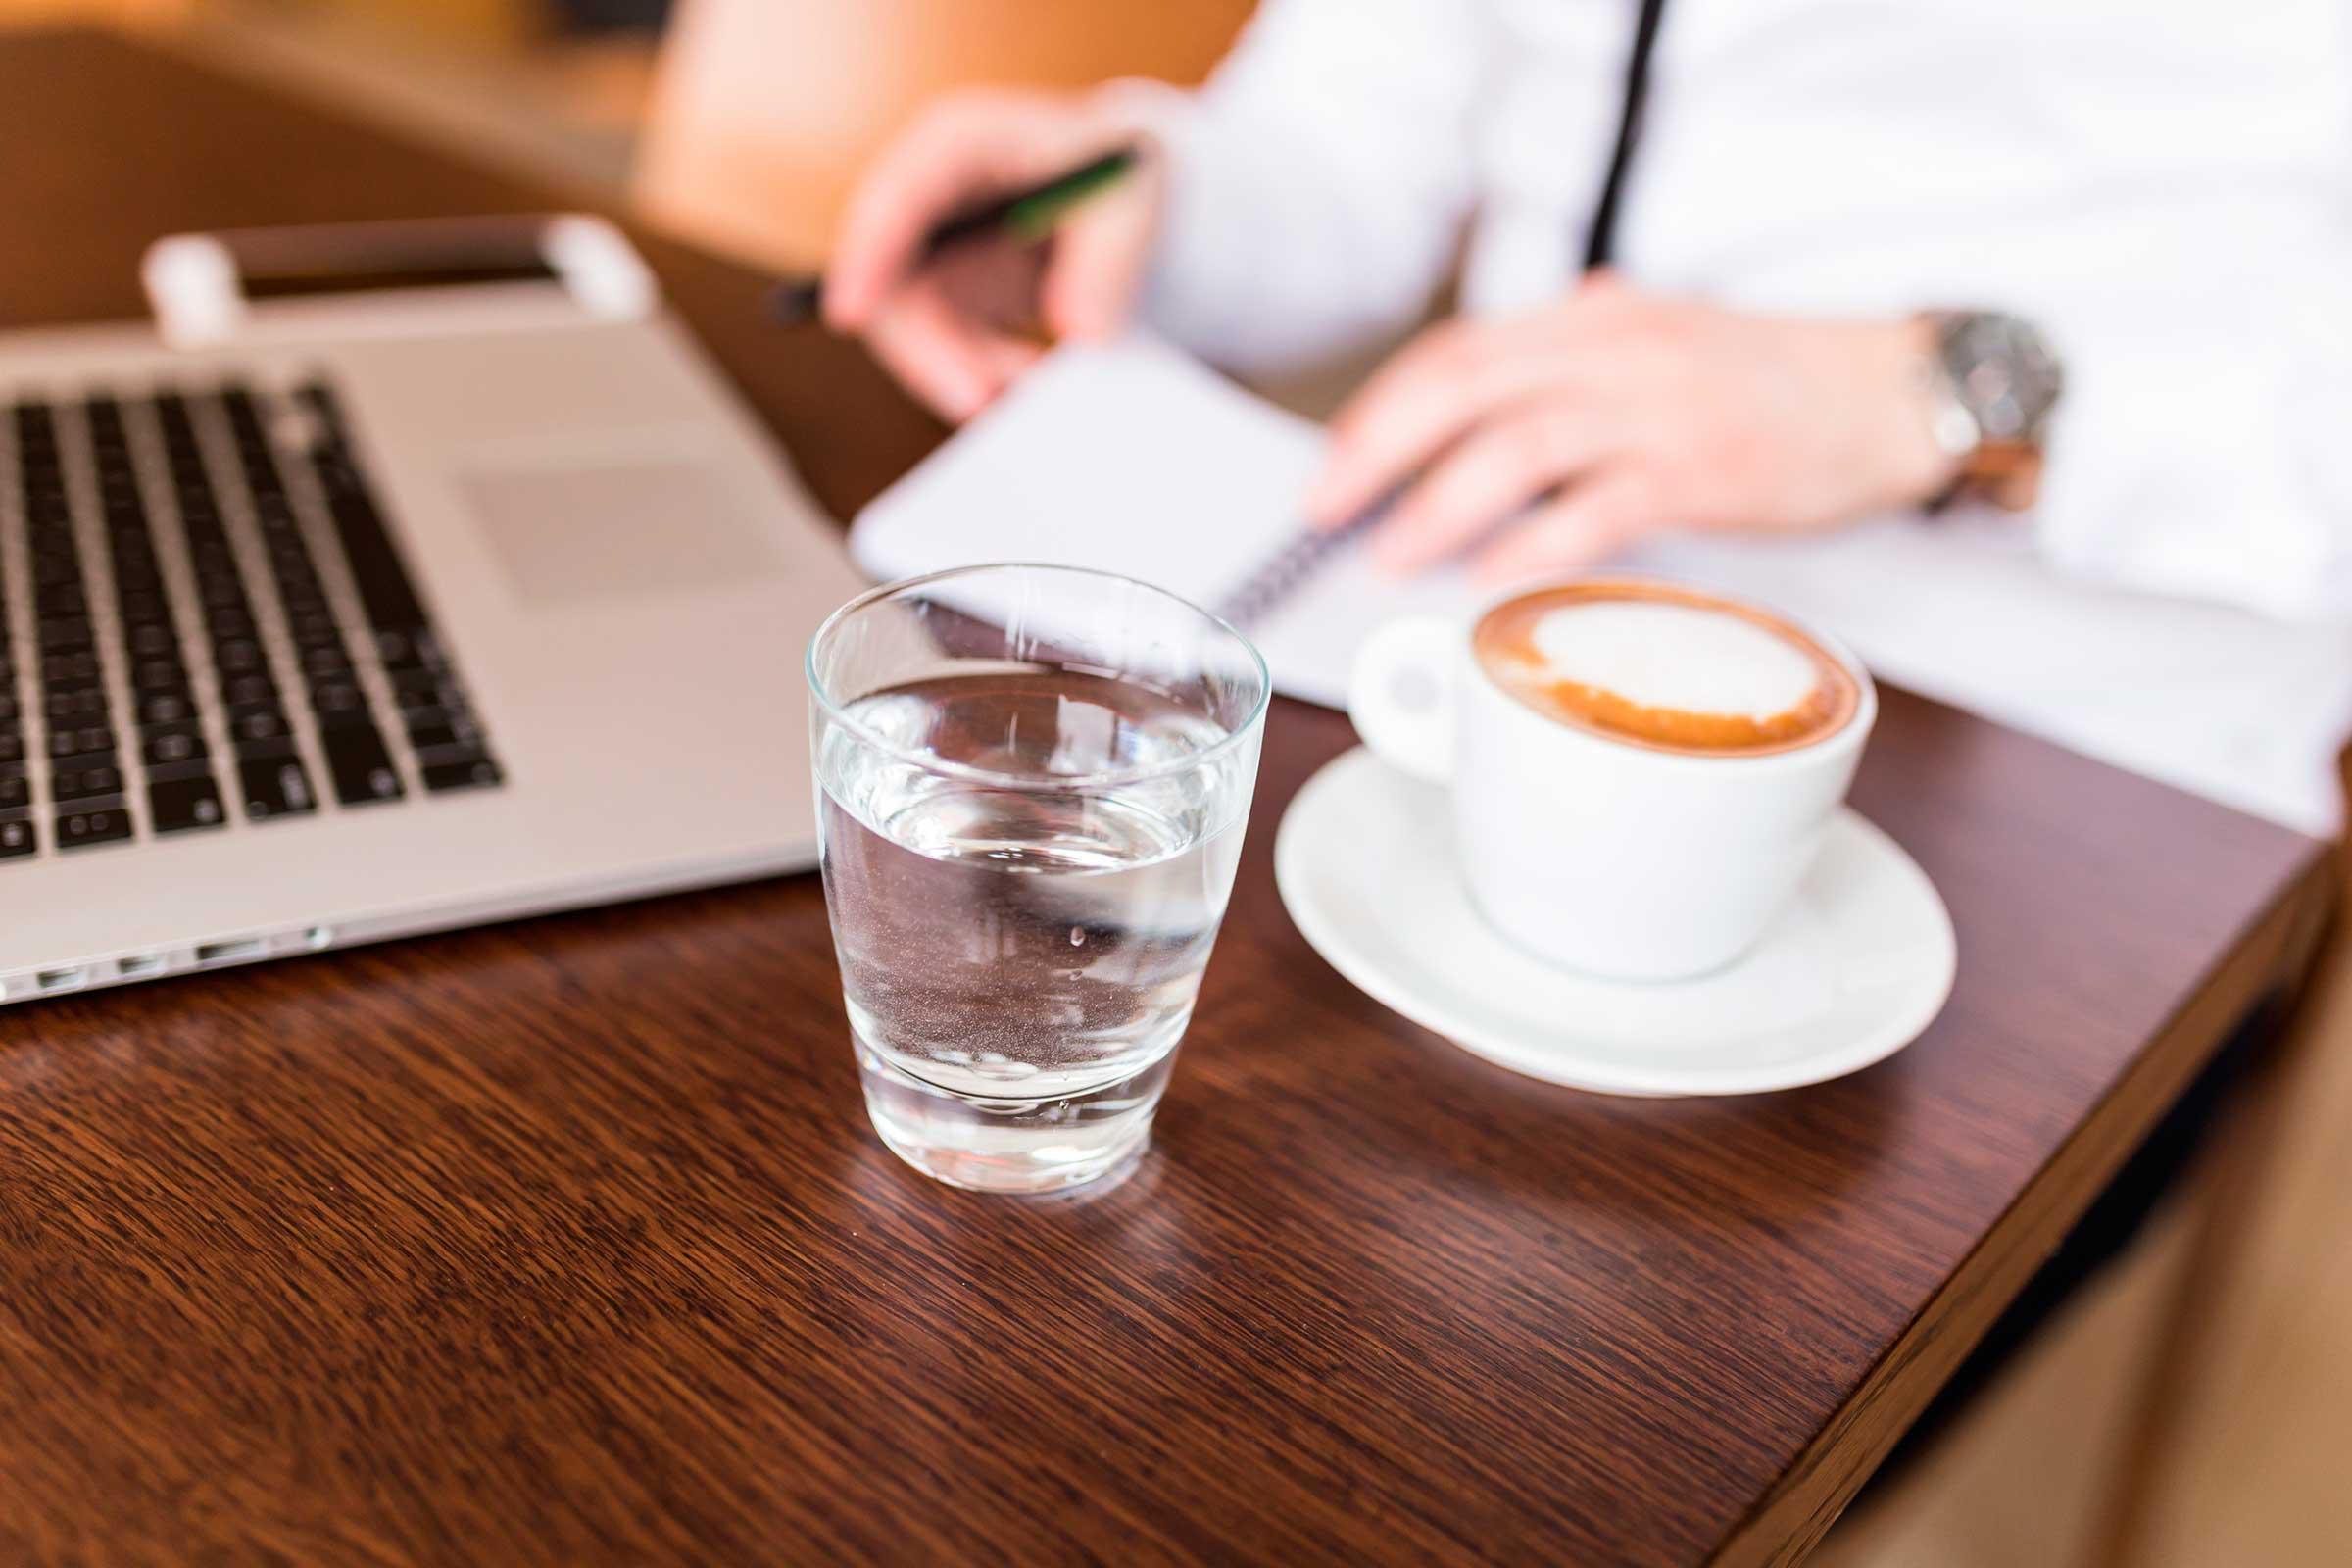 Почему нельзя пить холодную воду, чем вредно ее употребление после еды, жидкостью какой температуры лучше всего заменить ледяную?